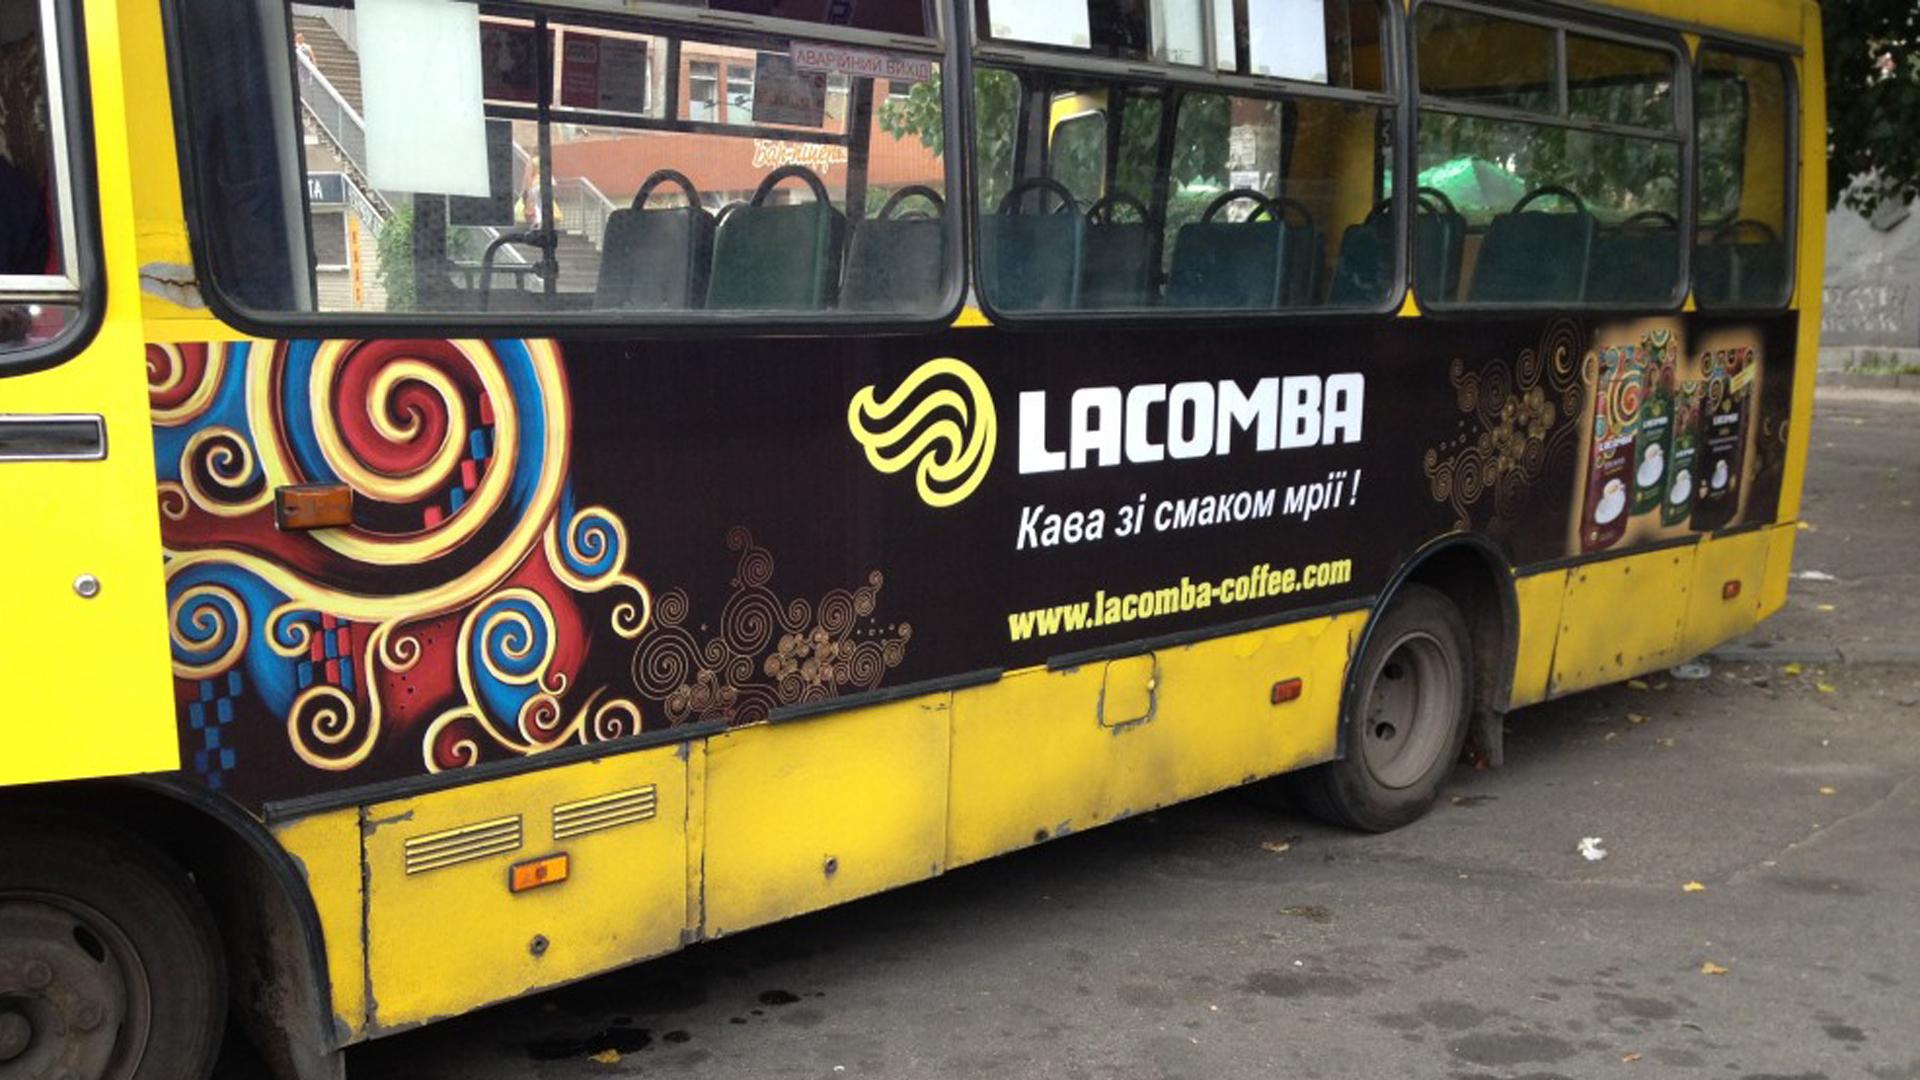 Брендирование общественного транспорта дешево